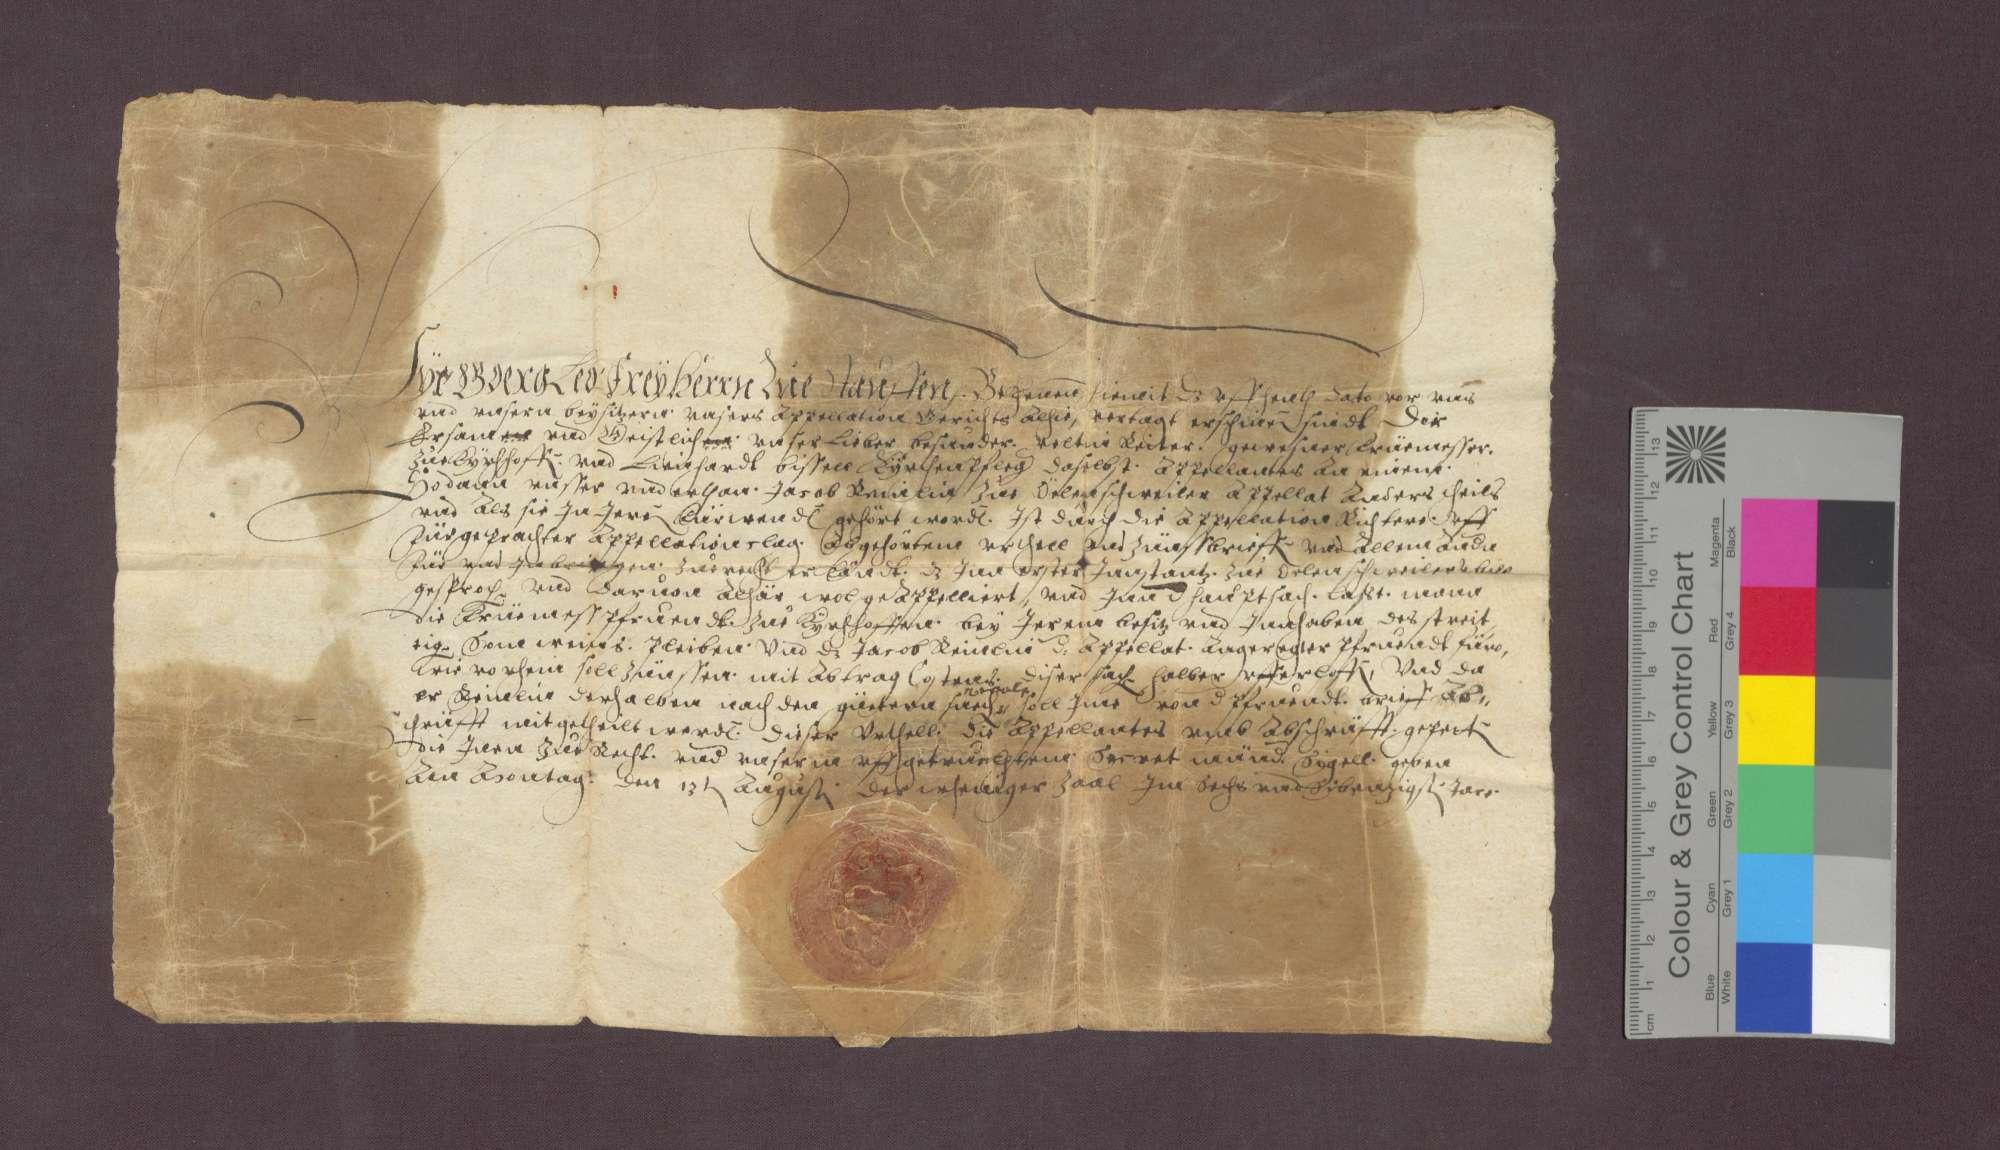 Das Gericht zu Staufen spricht Jakob Reinlin von Öhlinsweiler schuldig, an die Kirchenpflege zu Kirchhofen eine jährliche Gült zu zahlen., Bild 2